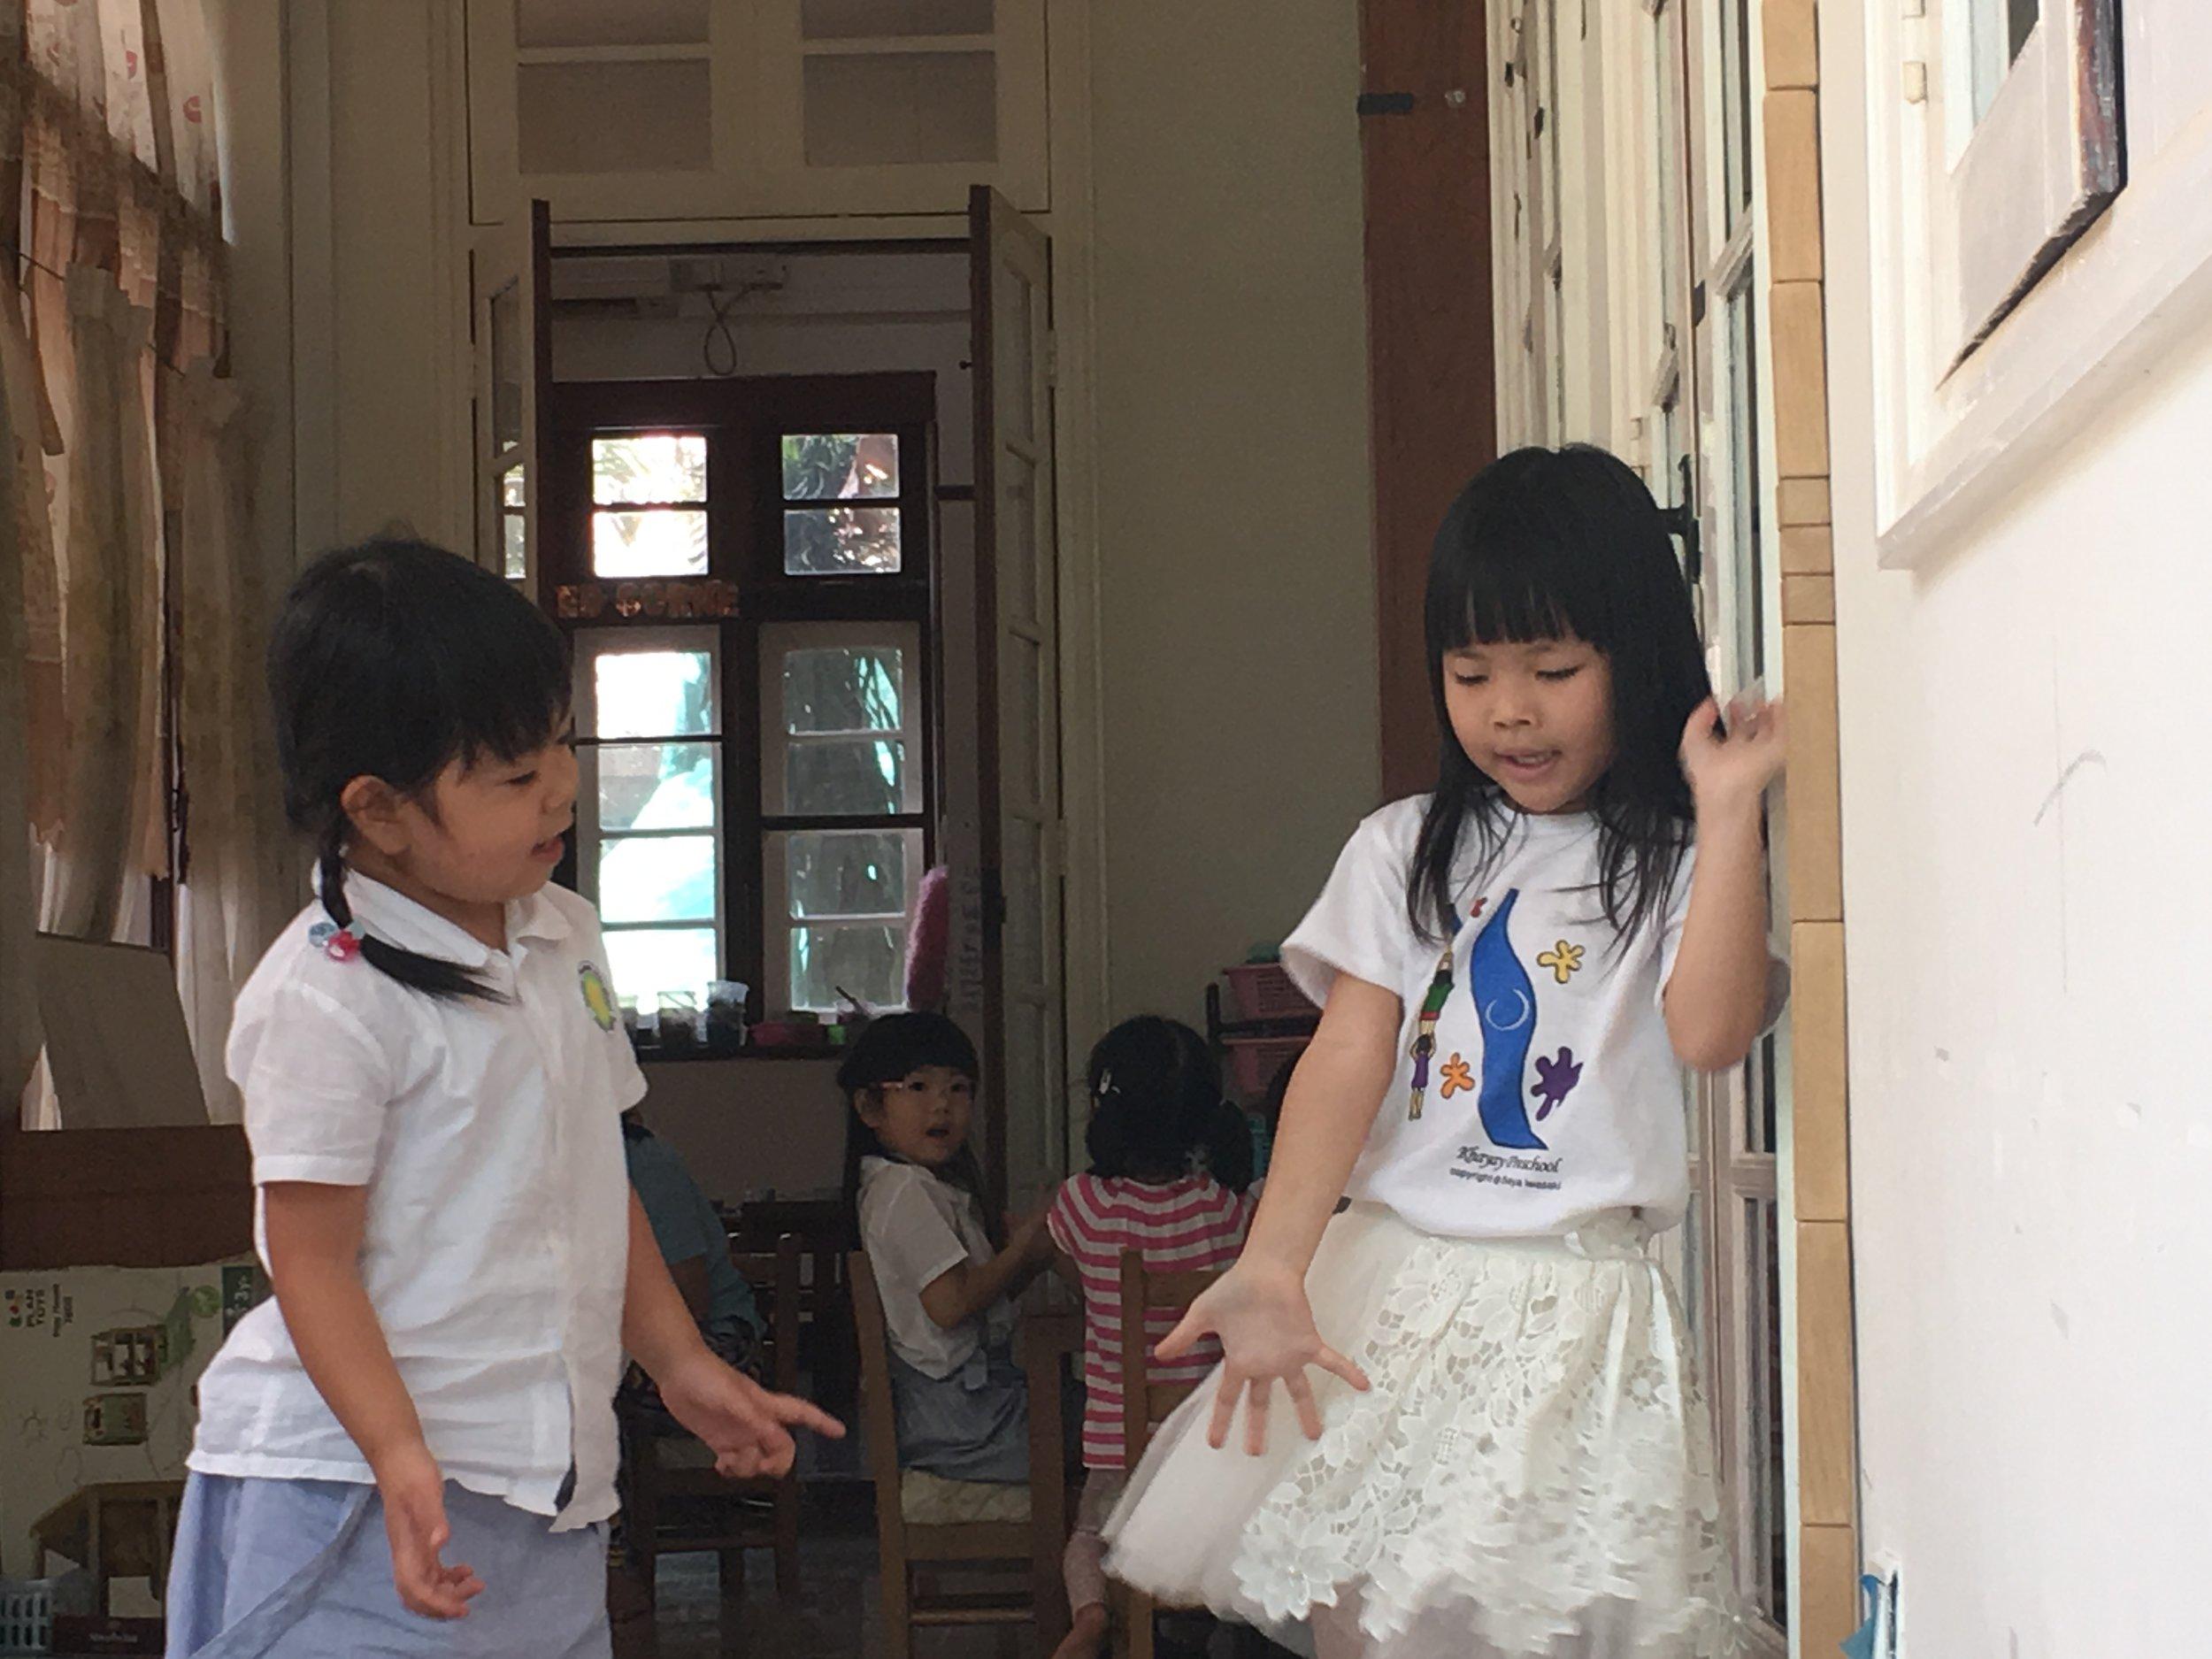 Kirara (Pre-KG Learning Corridor: Building Tower Corner)